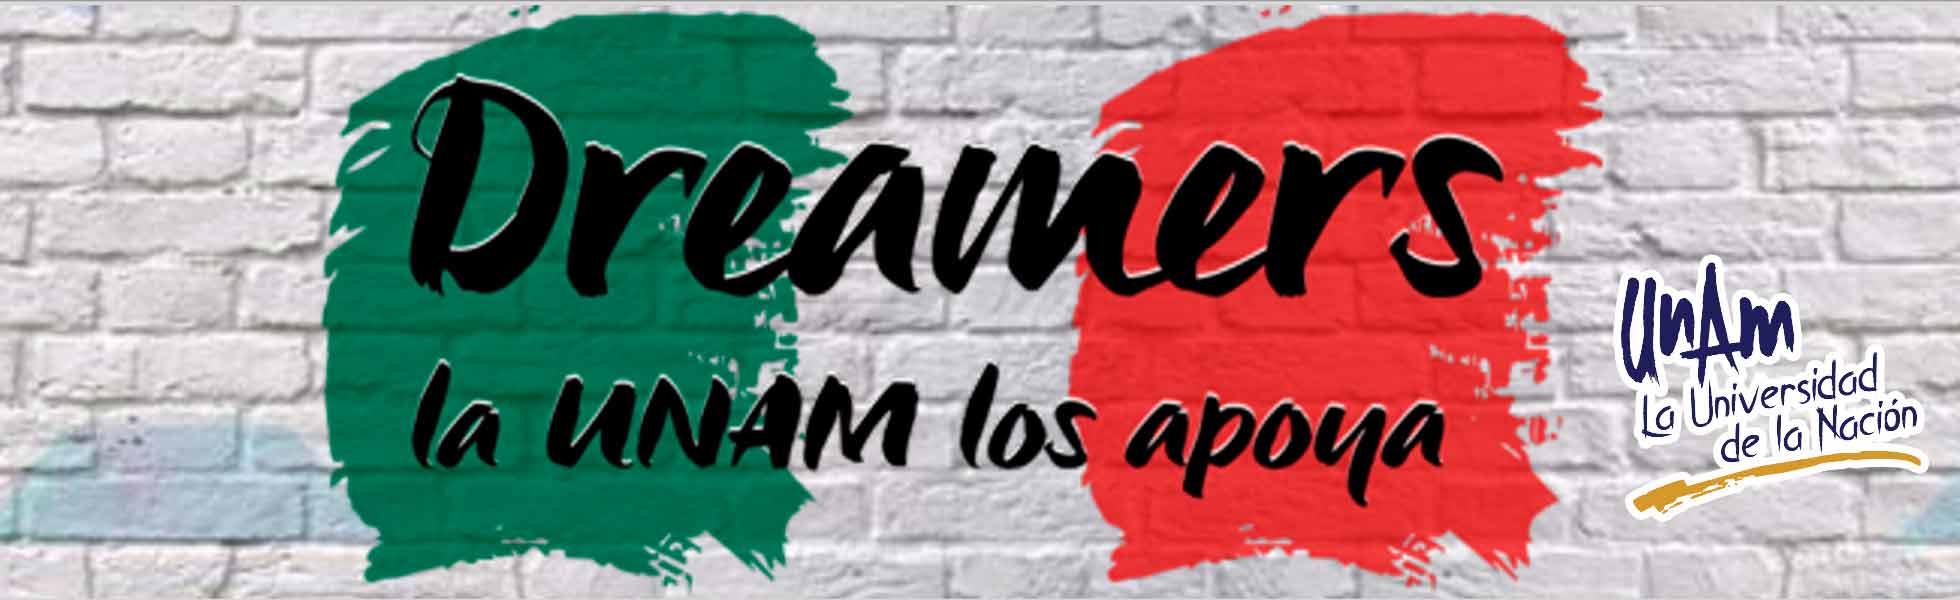 La UNAM lanza una plataforma virtual para ayudar a los dreamers